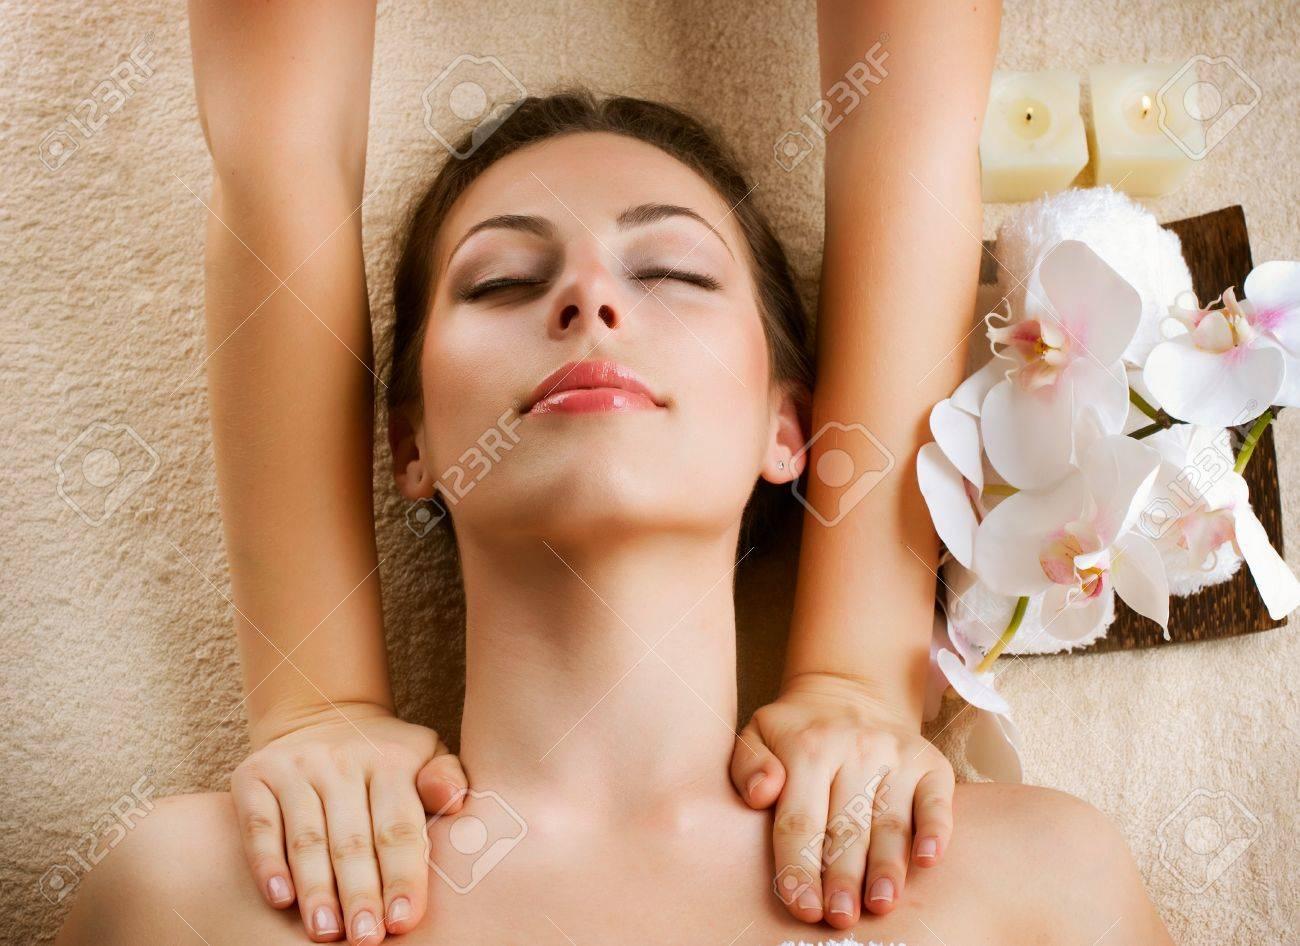 Spa Massage  Beauty Woman Getting Massage Stock Photo - 13173049